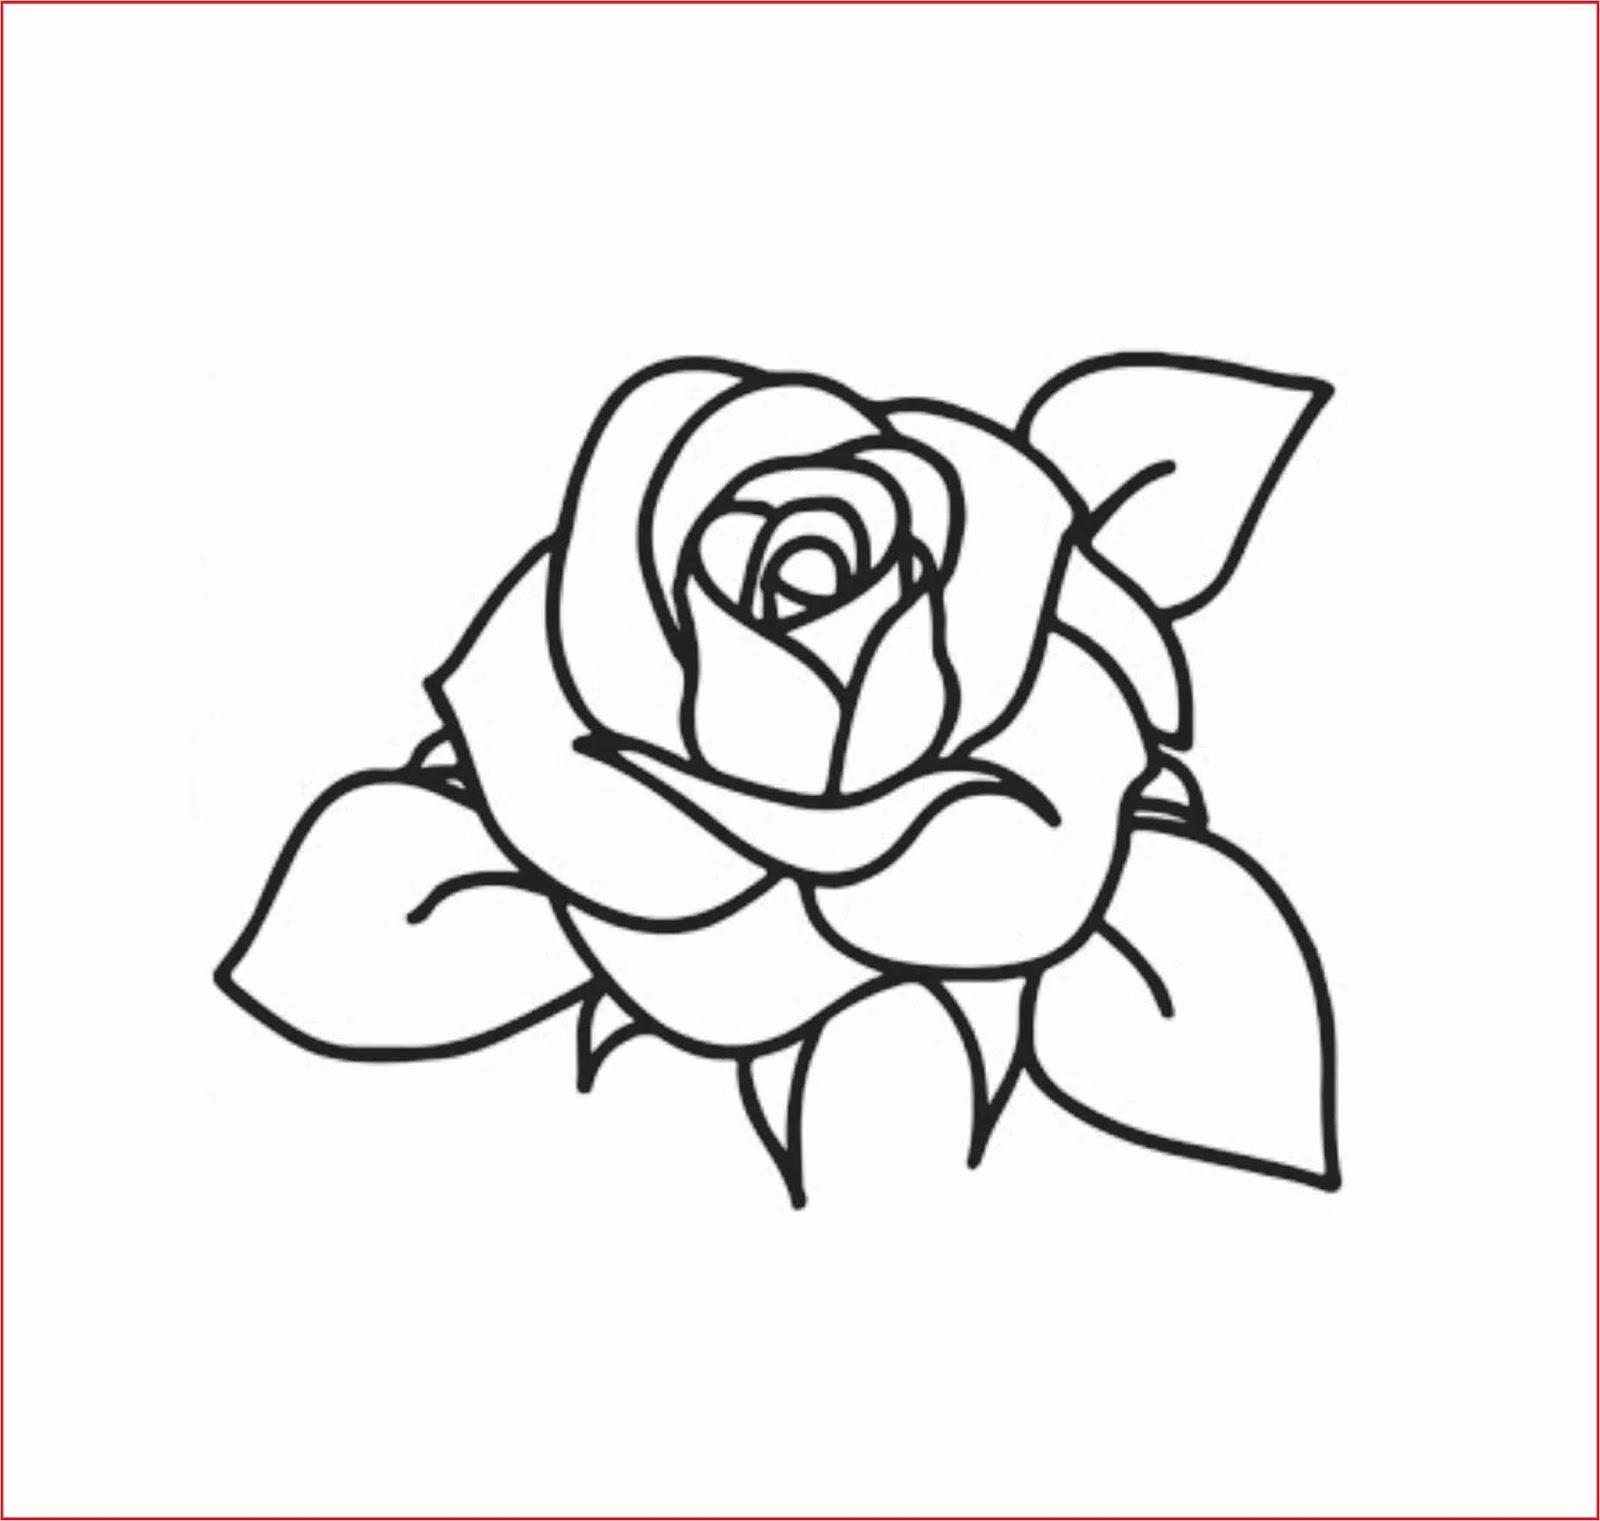 30 Gambar Sketsa Bunga Mudah